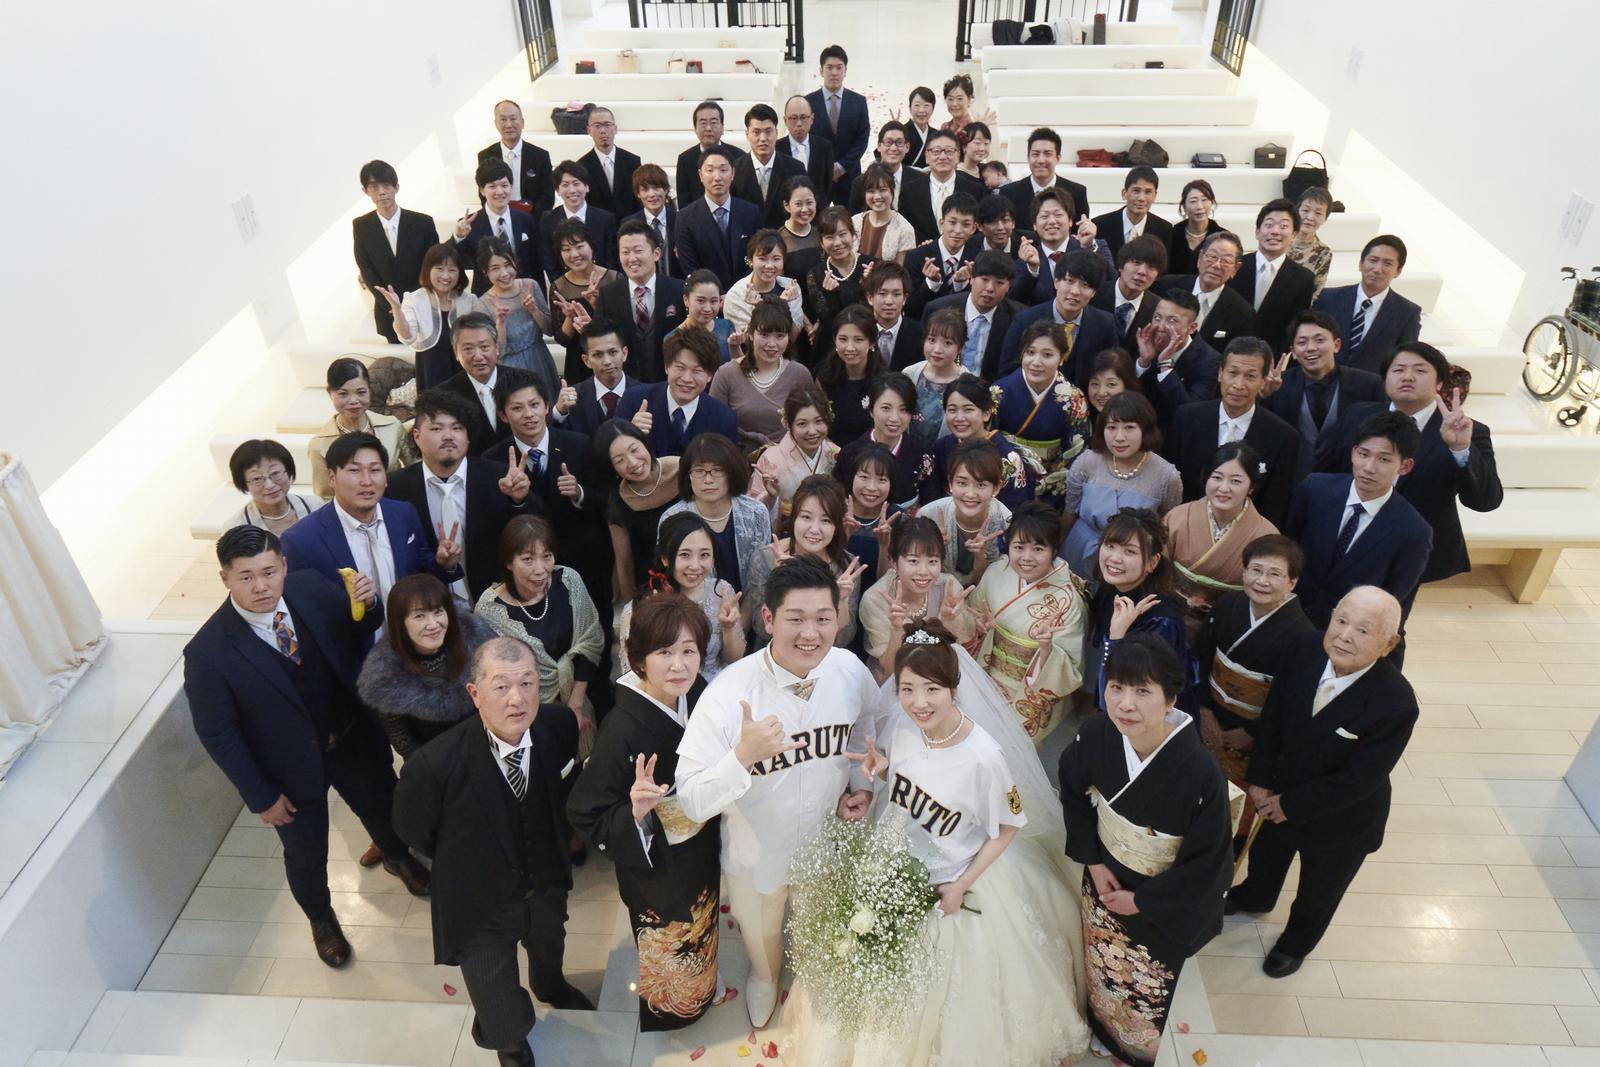 徳島市の結婚式場ブランアンジュでスカイフォトで撮影した全員の集合写真